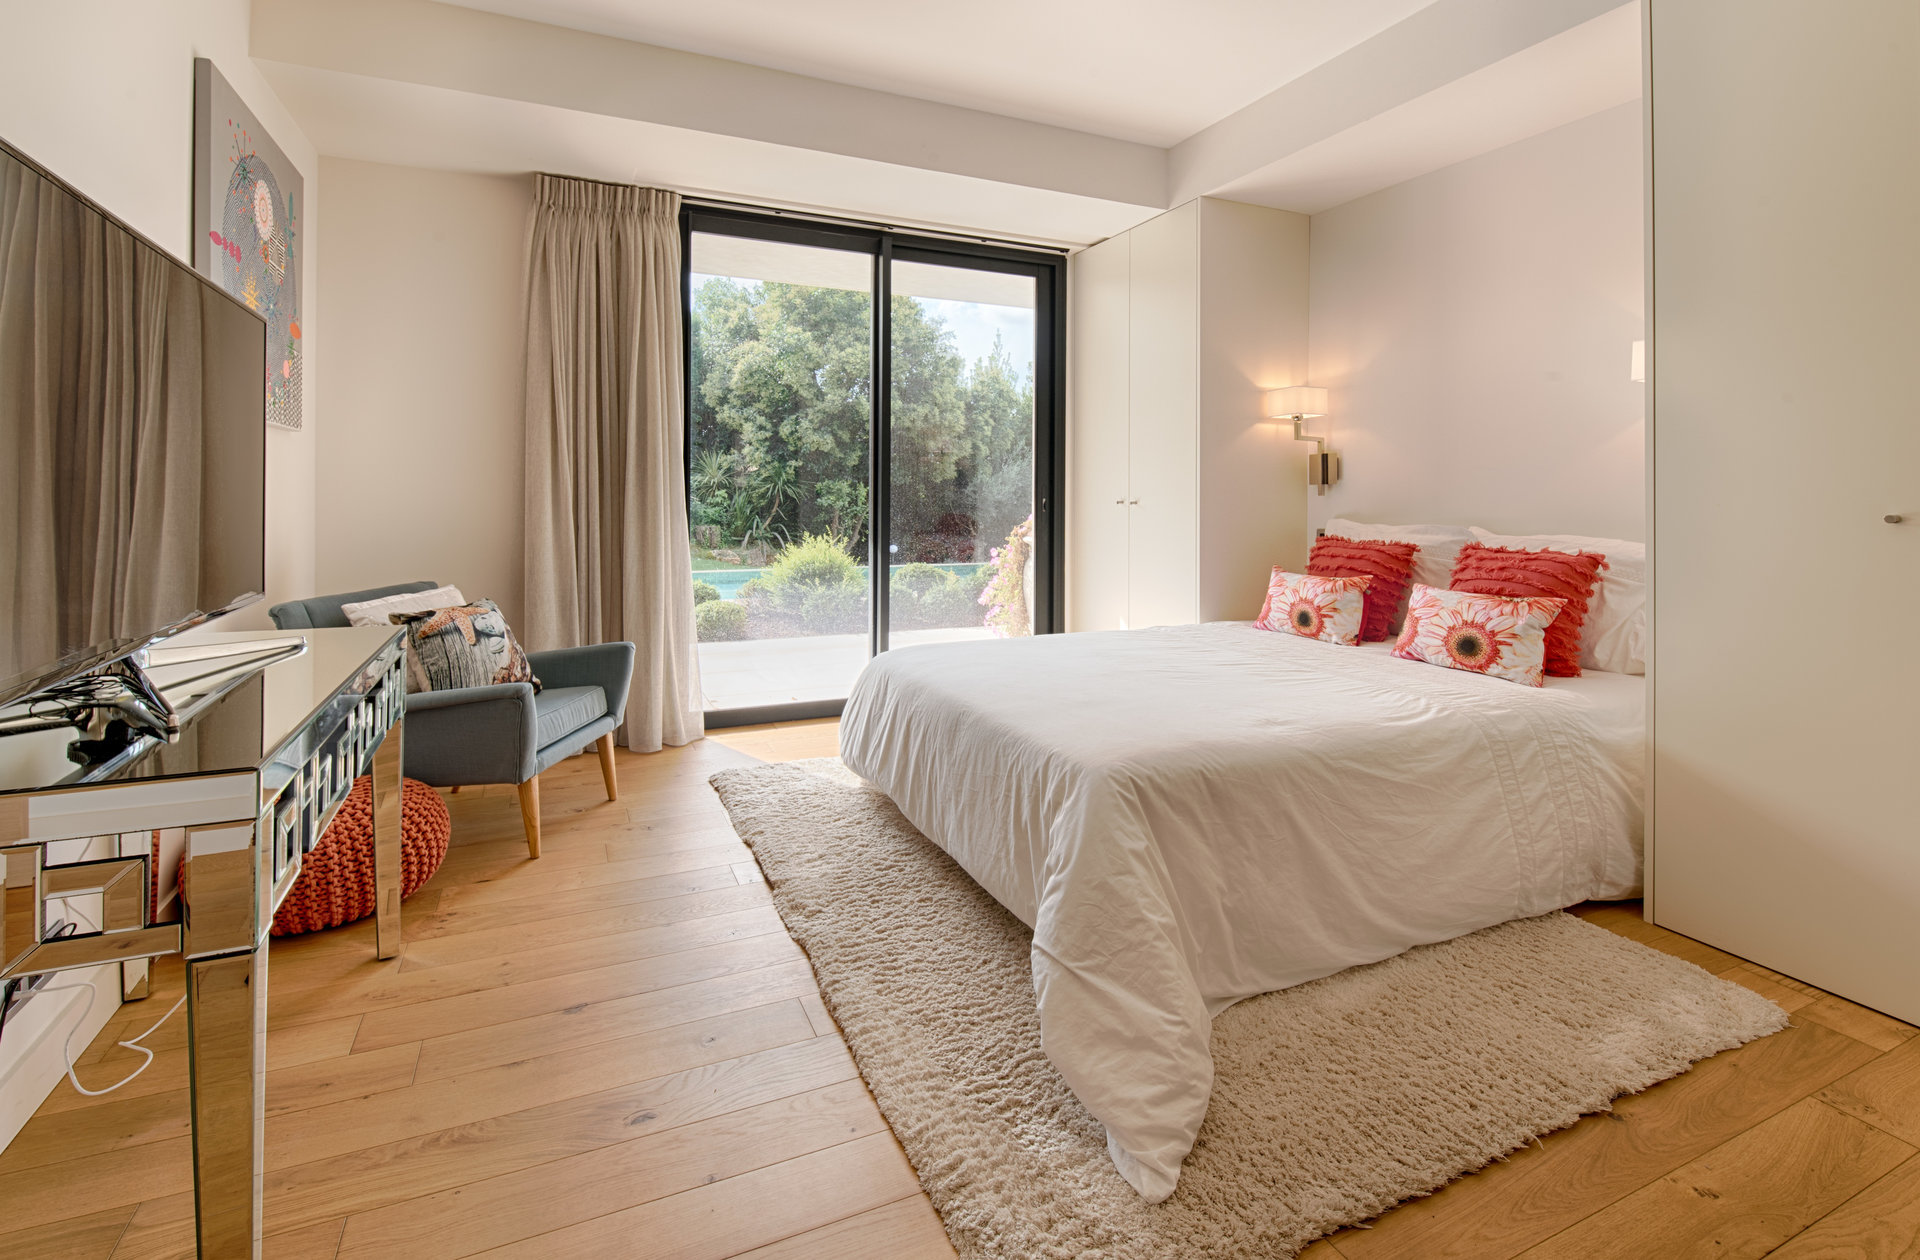 CONTEMPORARY - 4 bedrooms - Sea View